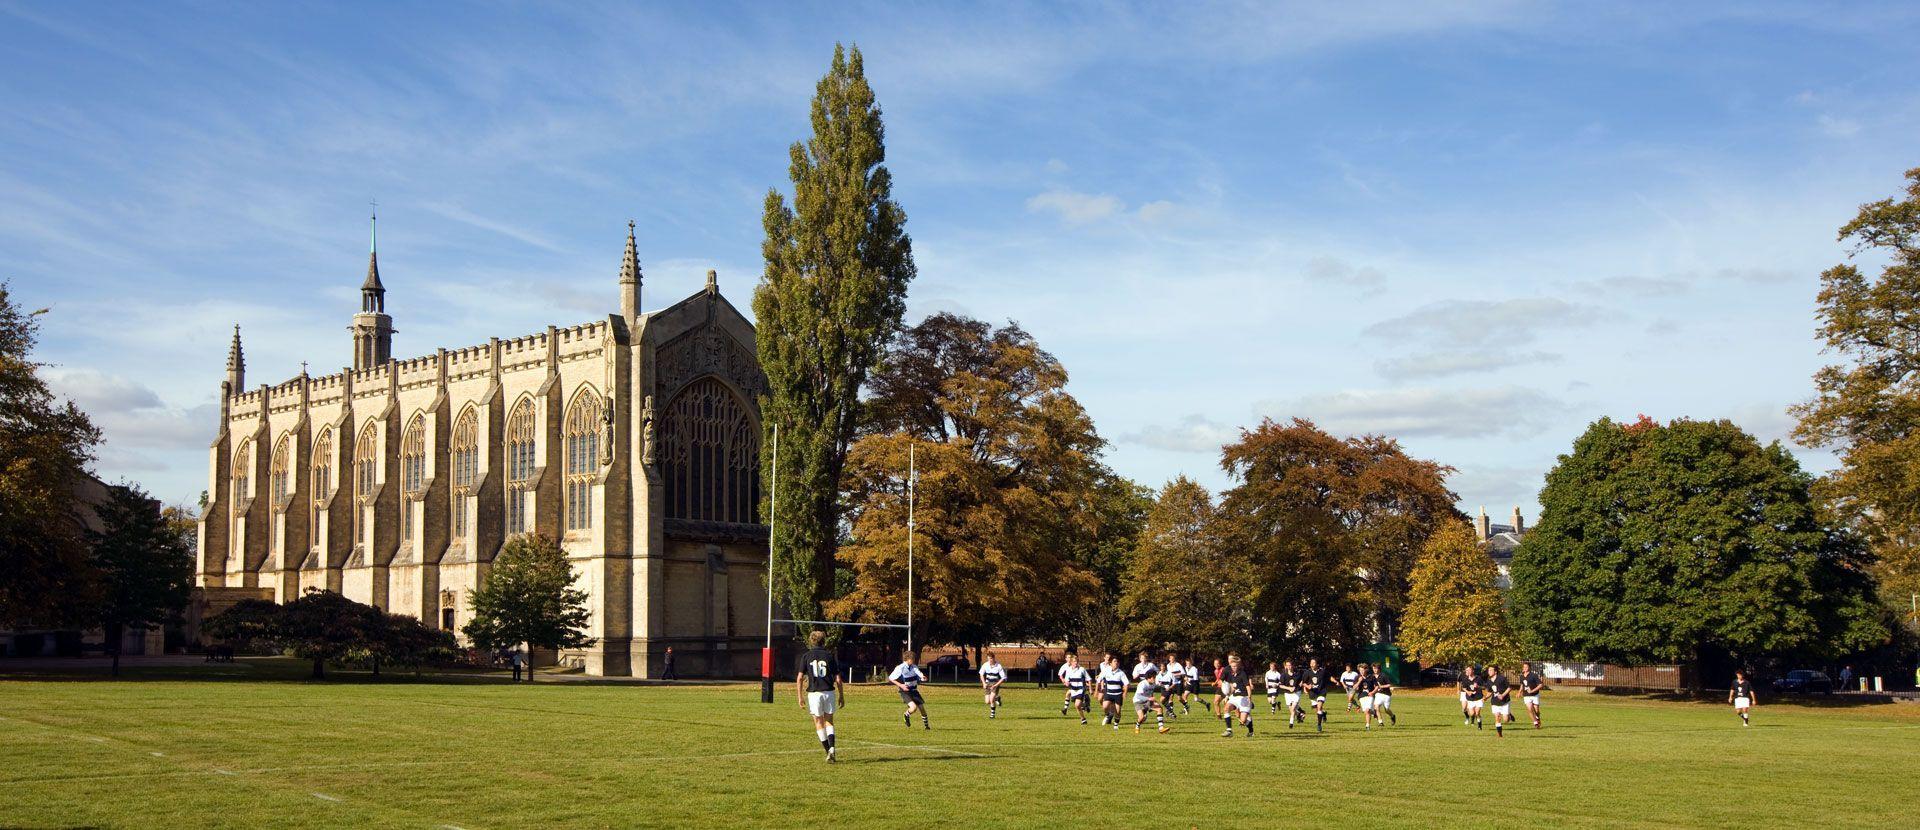 Cheltenham Reino Unido curso de ingles ASTEX